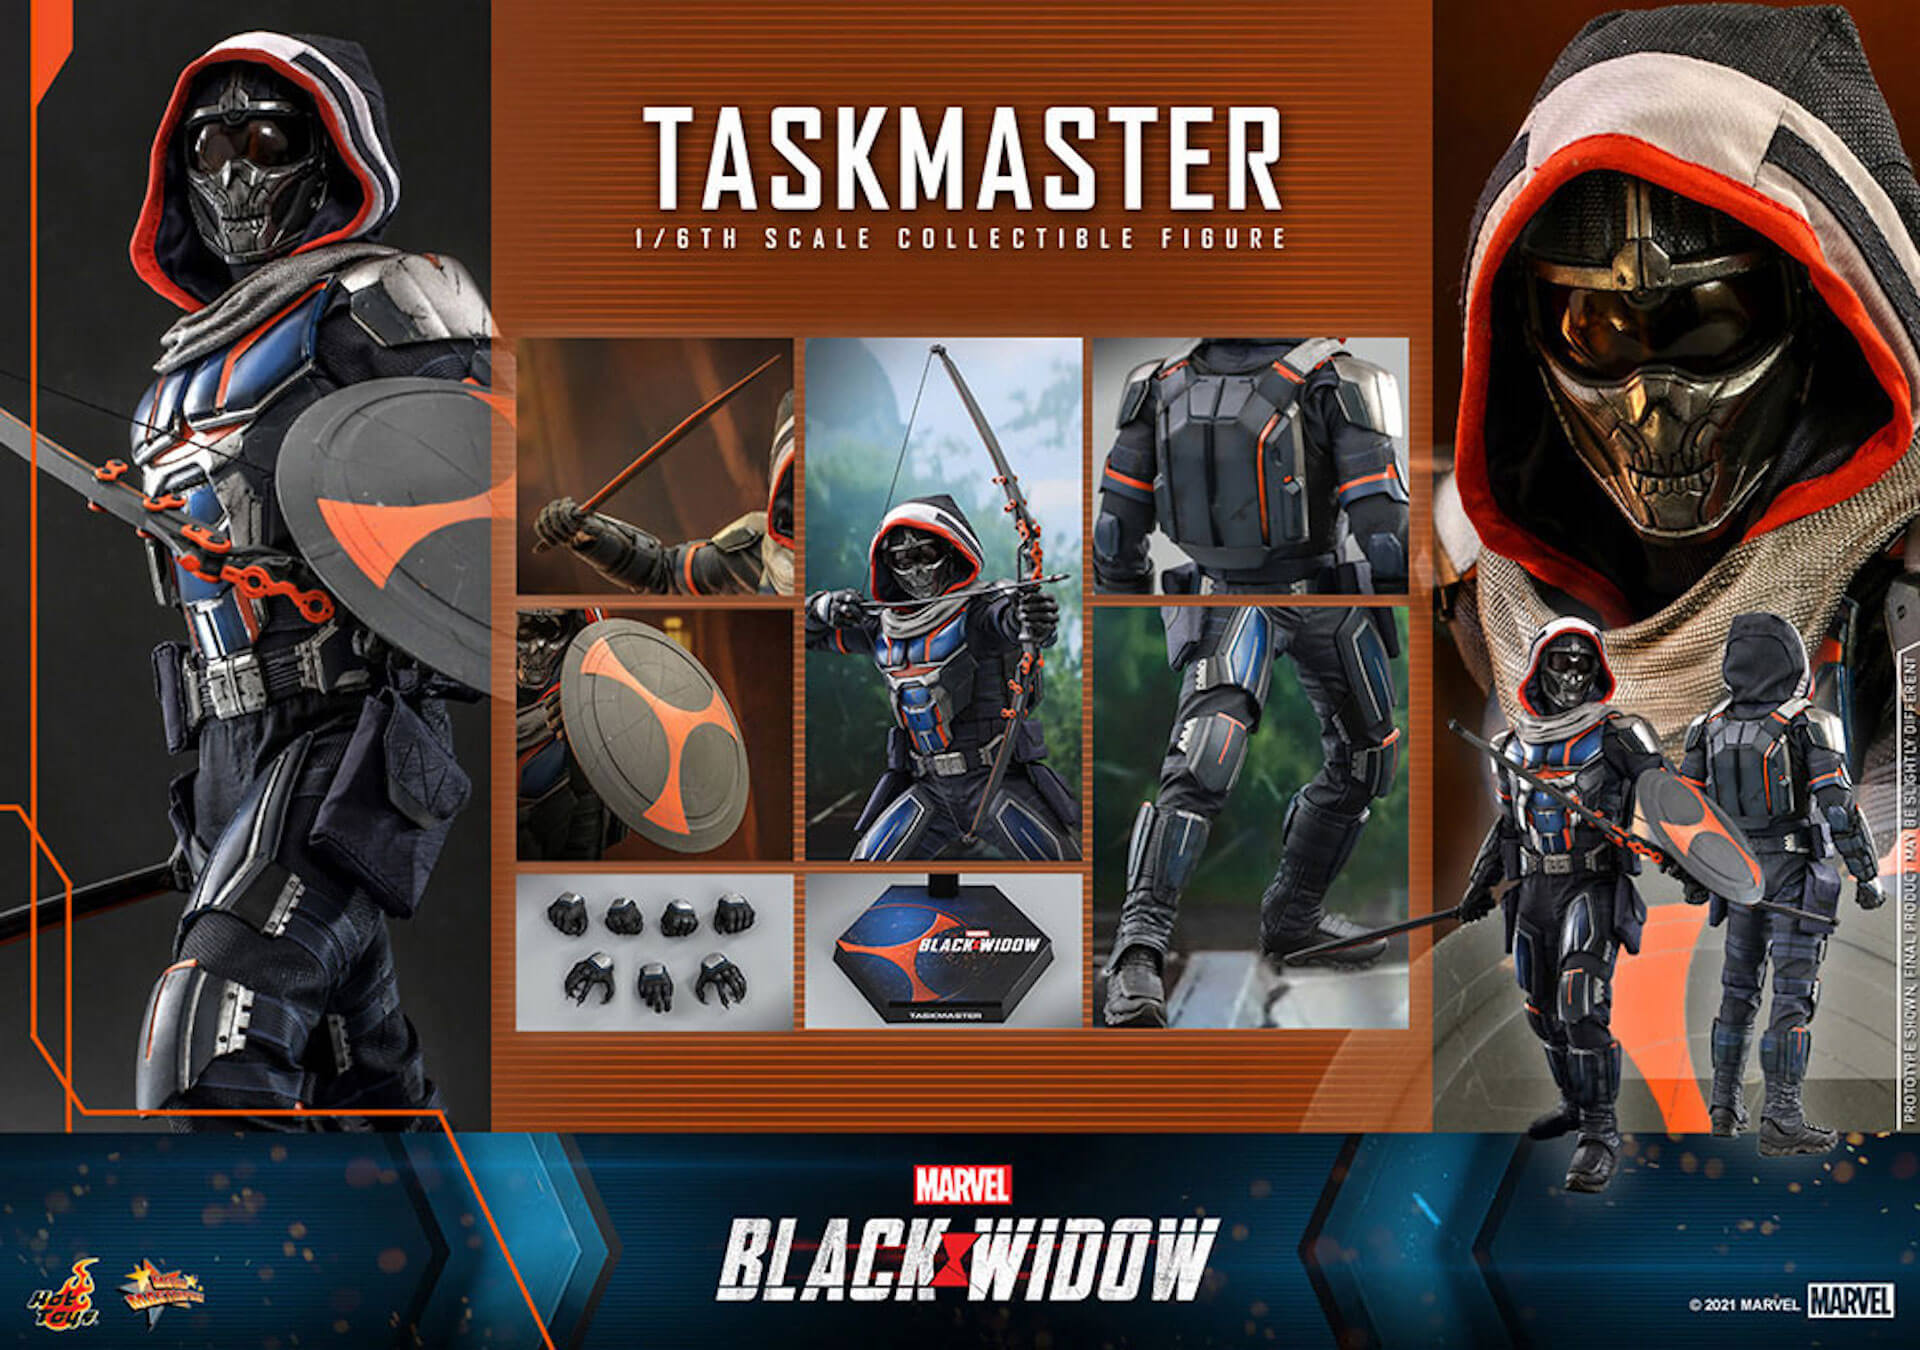 マーベル・スタジオ『ブラック・ウィドウ』のブラック・ウィドウ&タスクマスターがホットトイズの1/6スケールフィギュアになって登場! art210618_hottoys_blackwidow_1